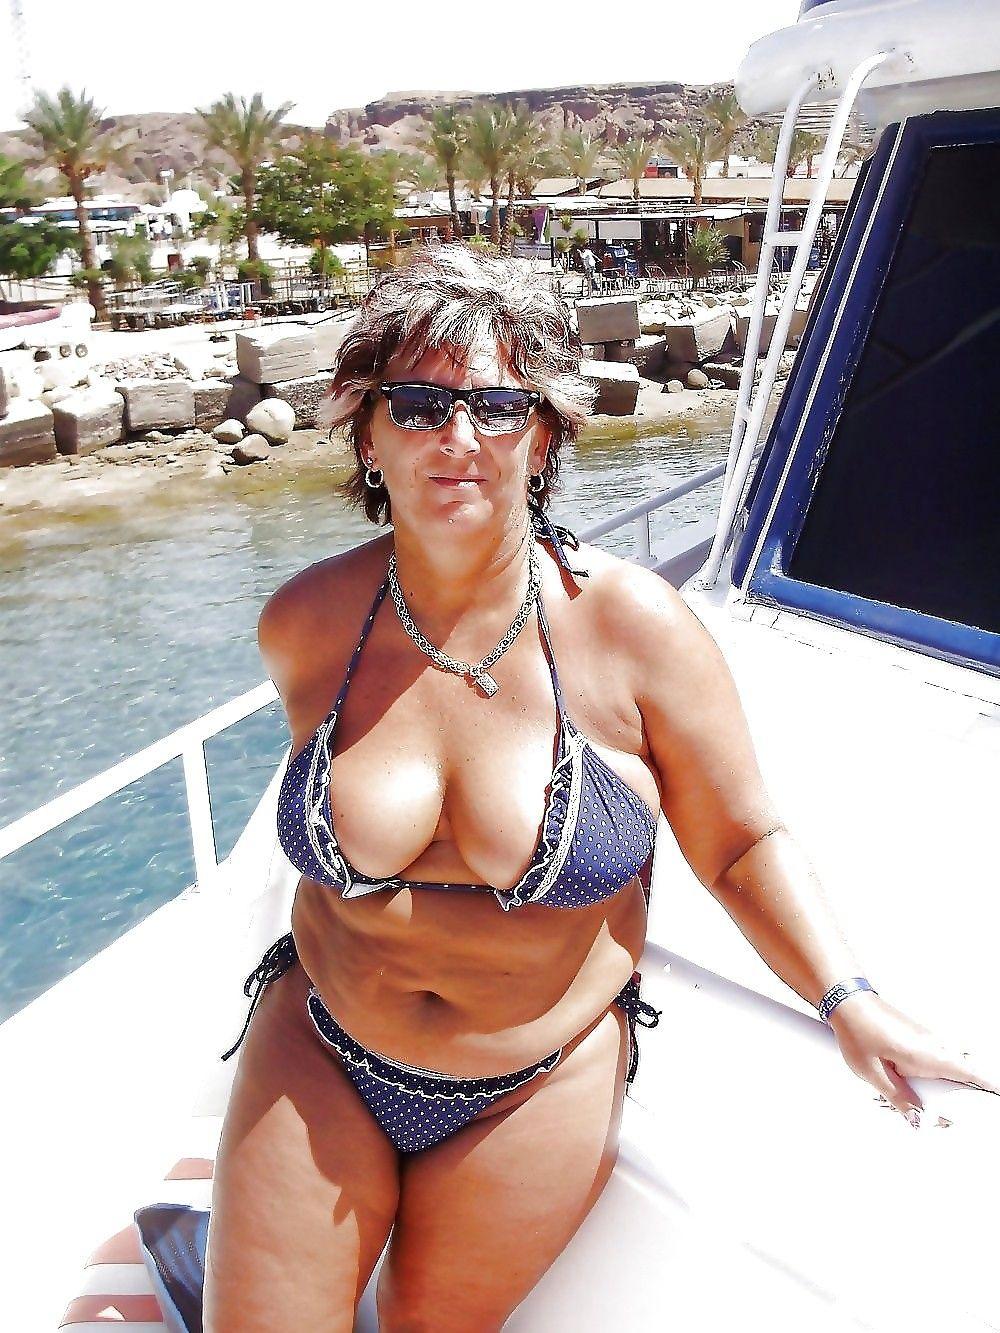 Alexis teksas porn fuck sex pictures